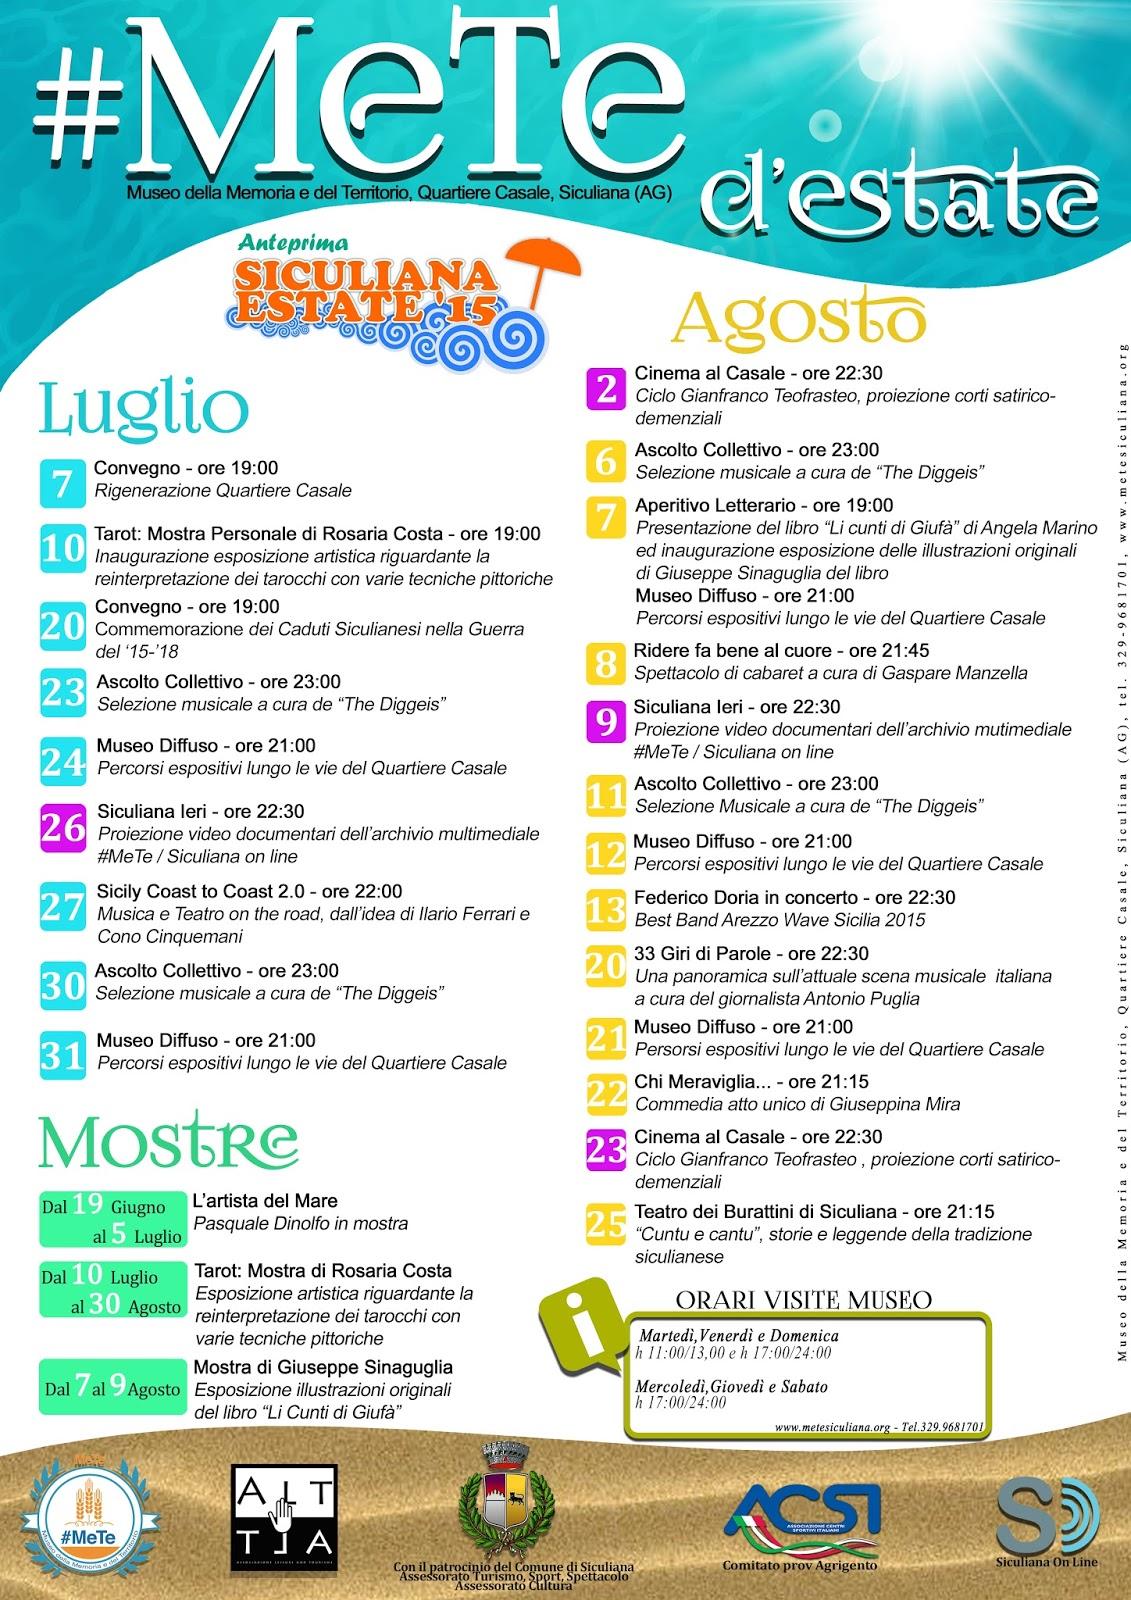 #MeTe d'estate: il calendario degli eventi estivi al Museo #MeTe di Siculiana